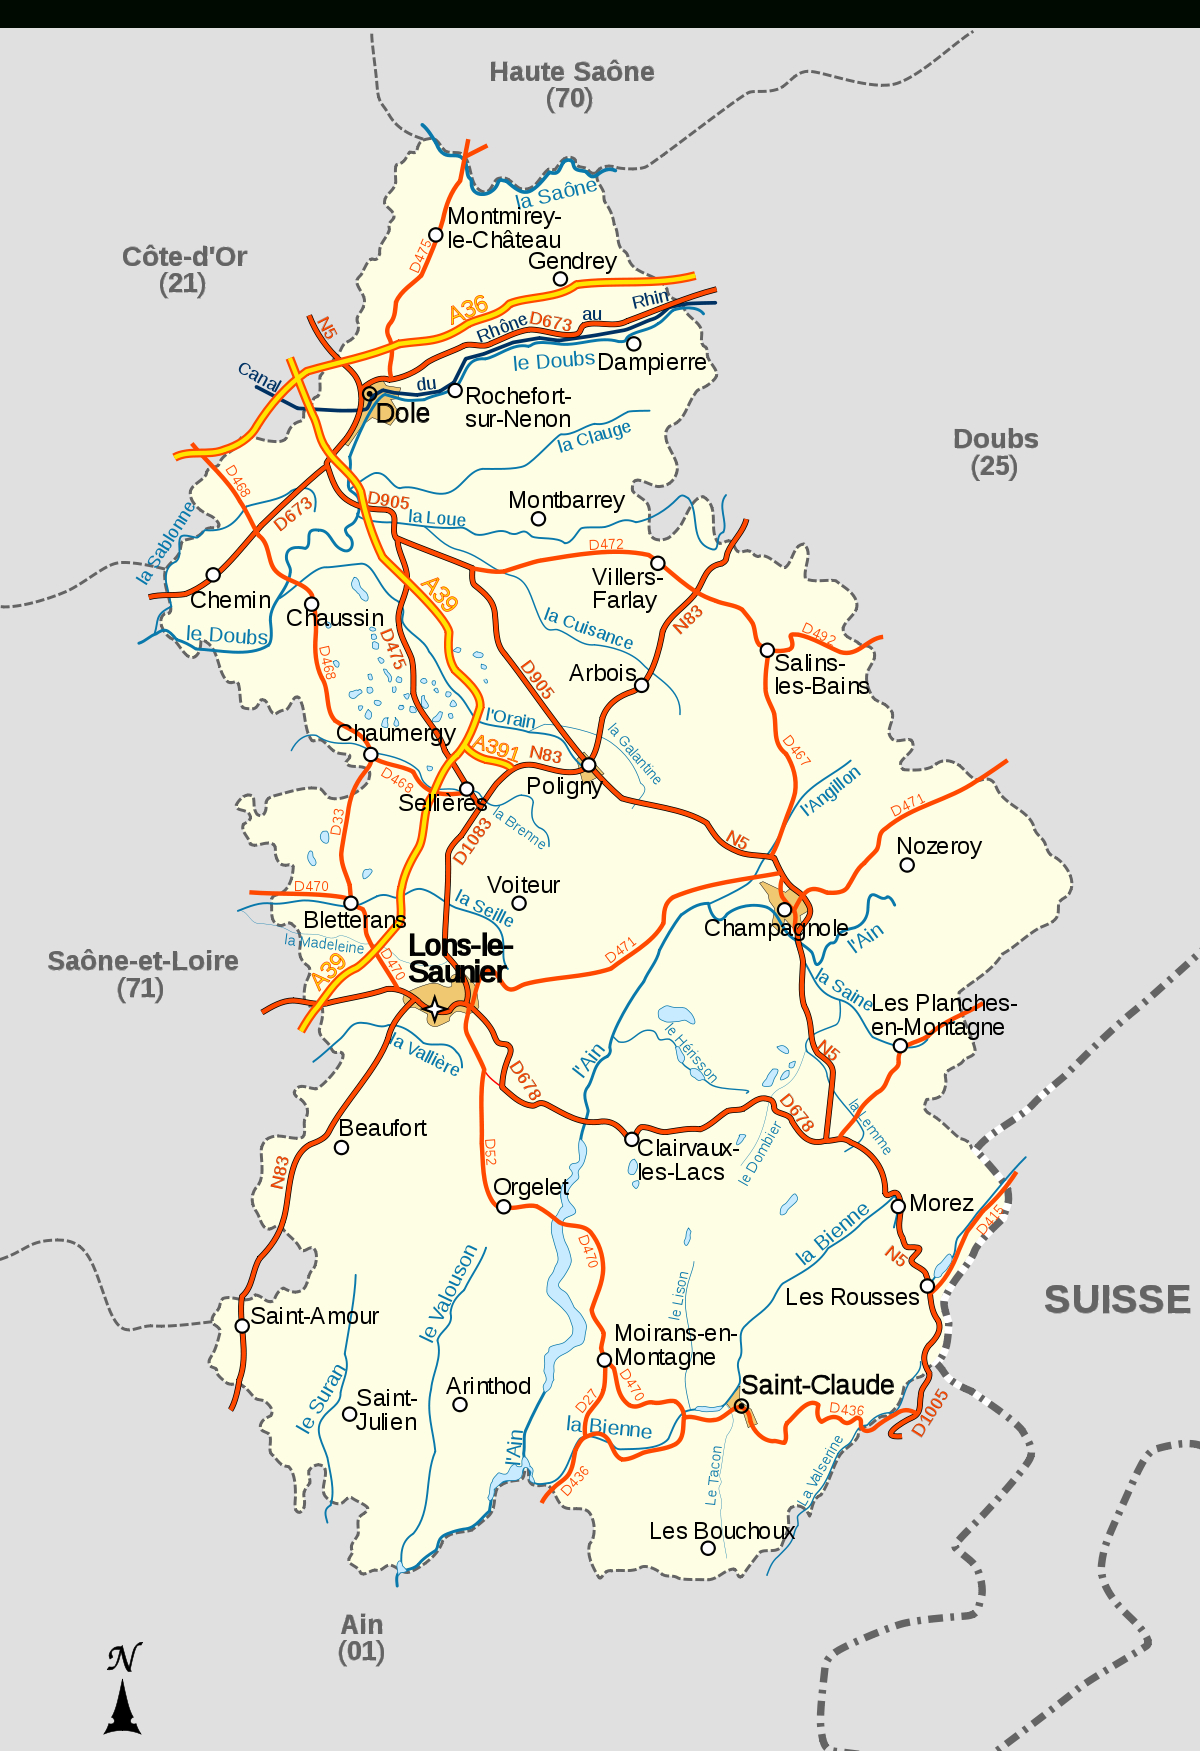 Liste Des Cours D'eau Du Département Du Jura — Wikipédia destiné Carte Des Fleuves De France